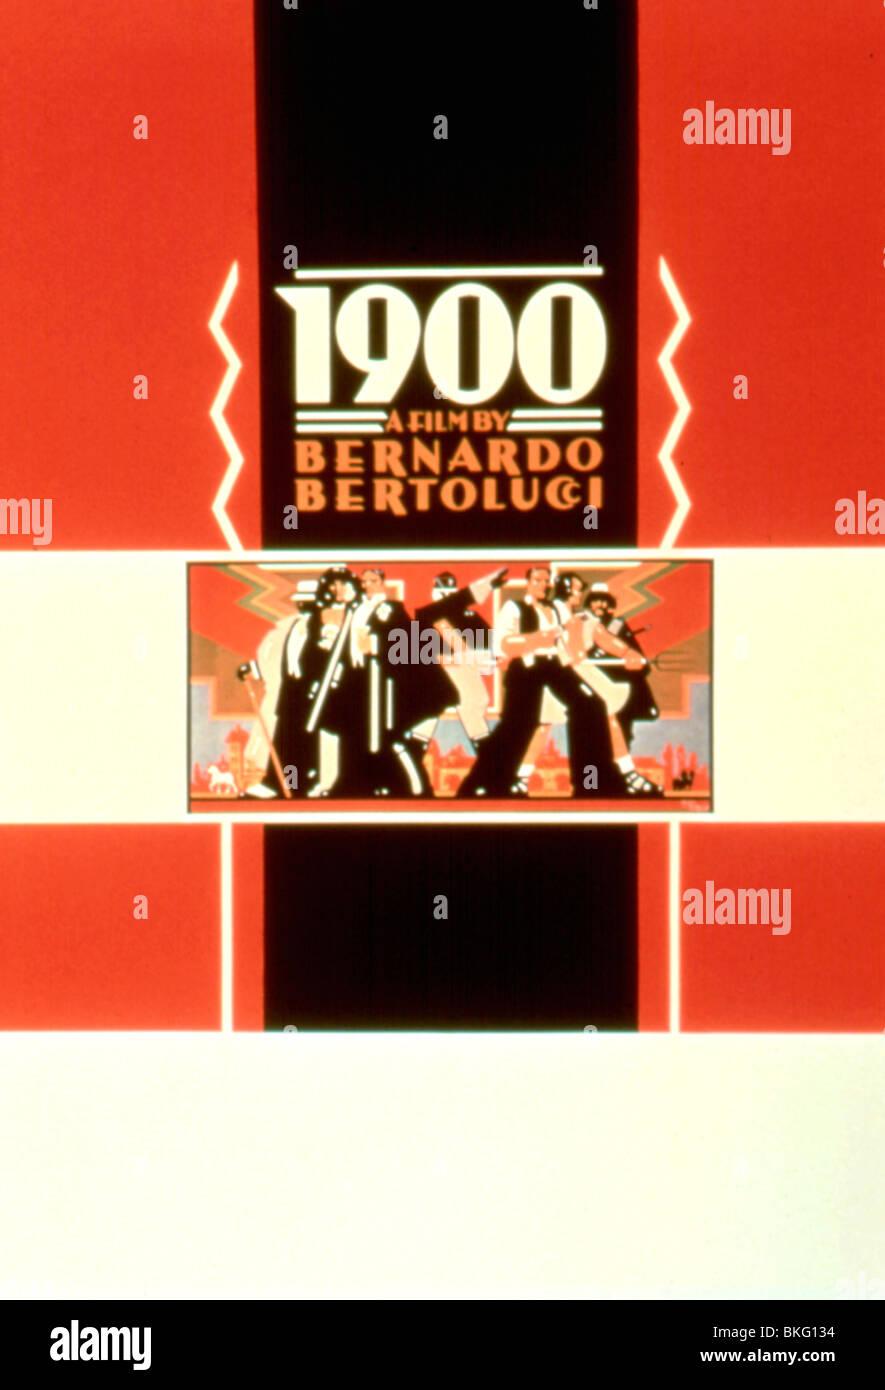 1900 (1976) NINETEEN HUNDRED (ALT) POSTER NTH 003 - Stock Image